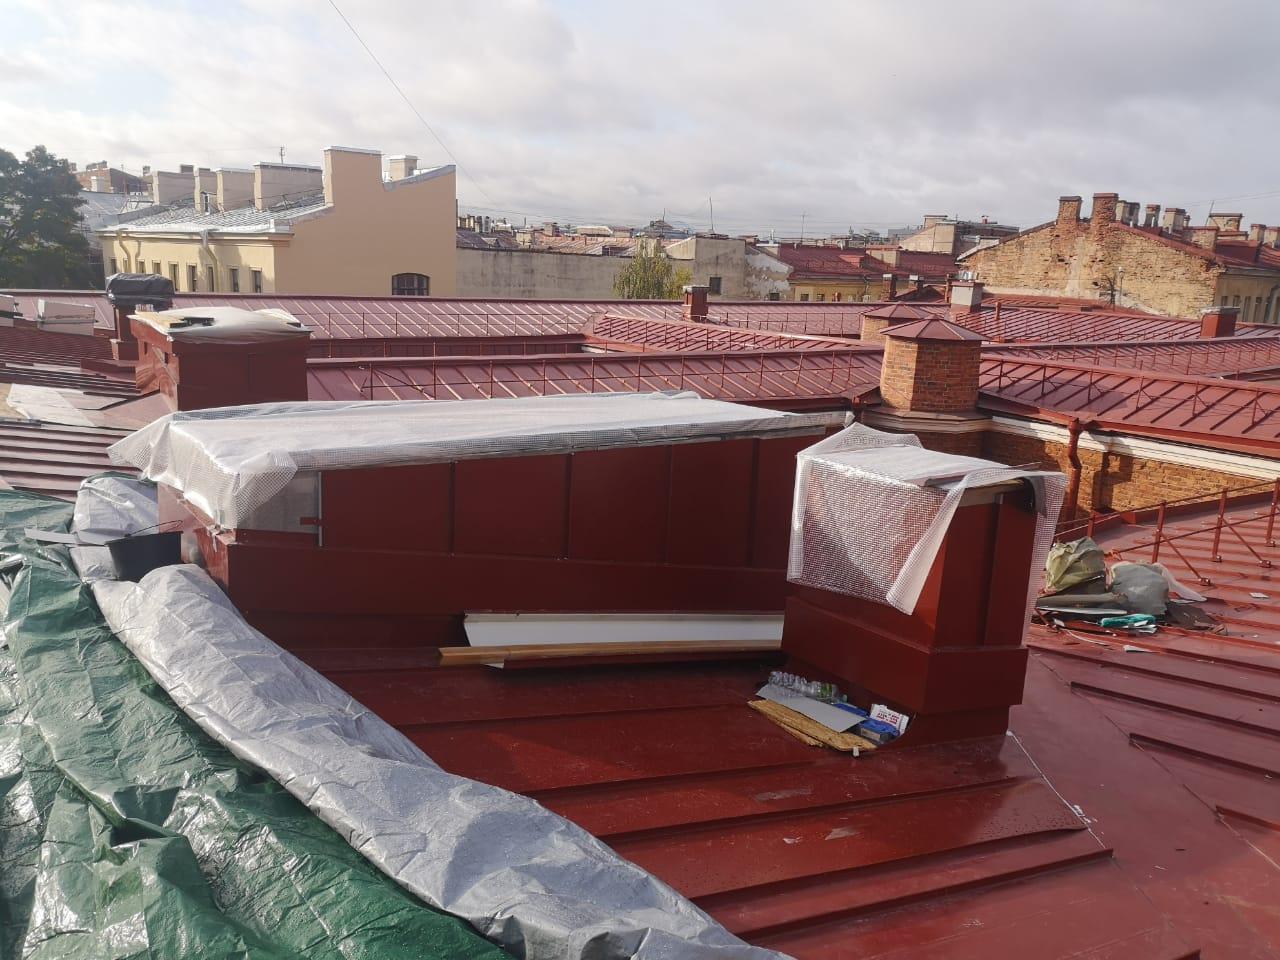 Работы по монтажу вентиляционных каналов кровли здания